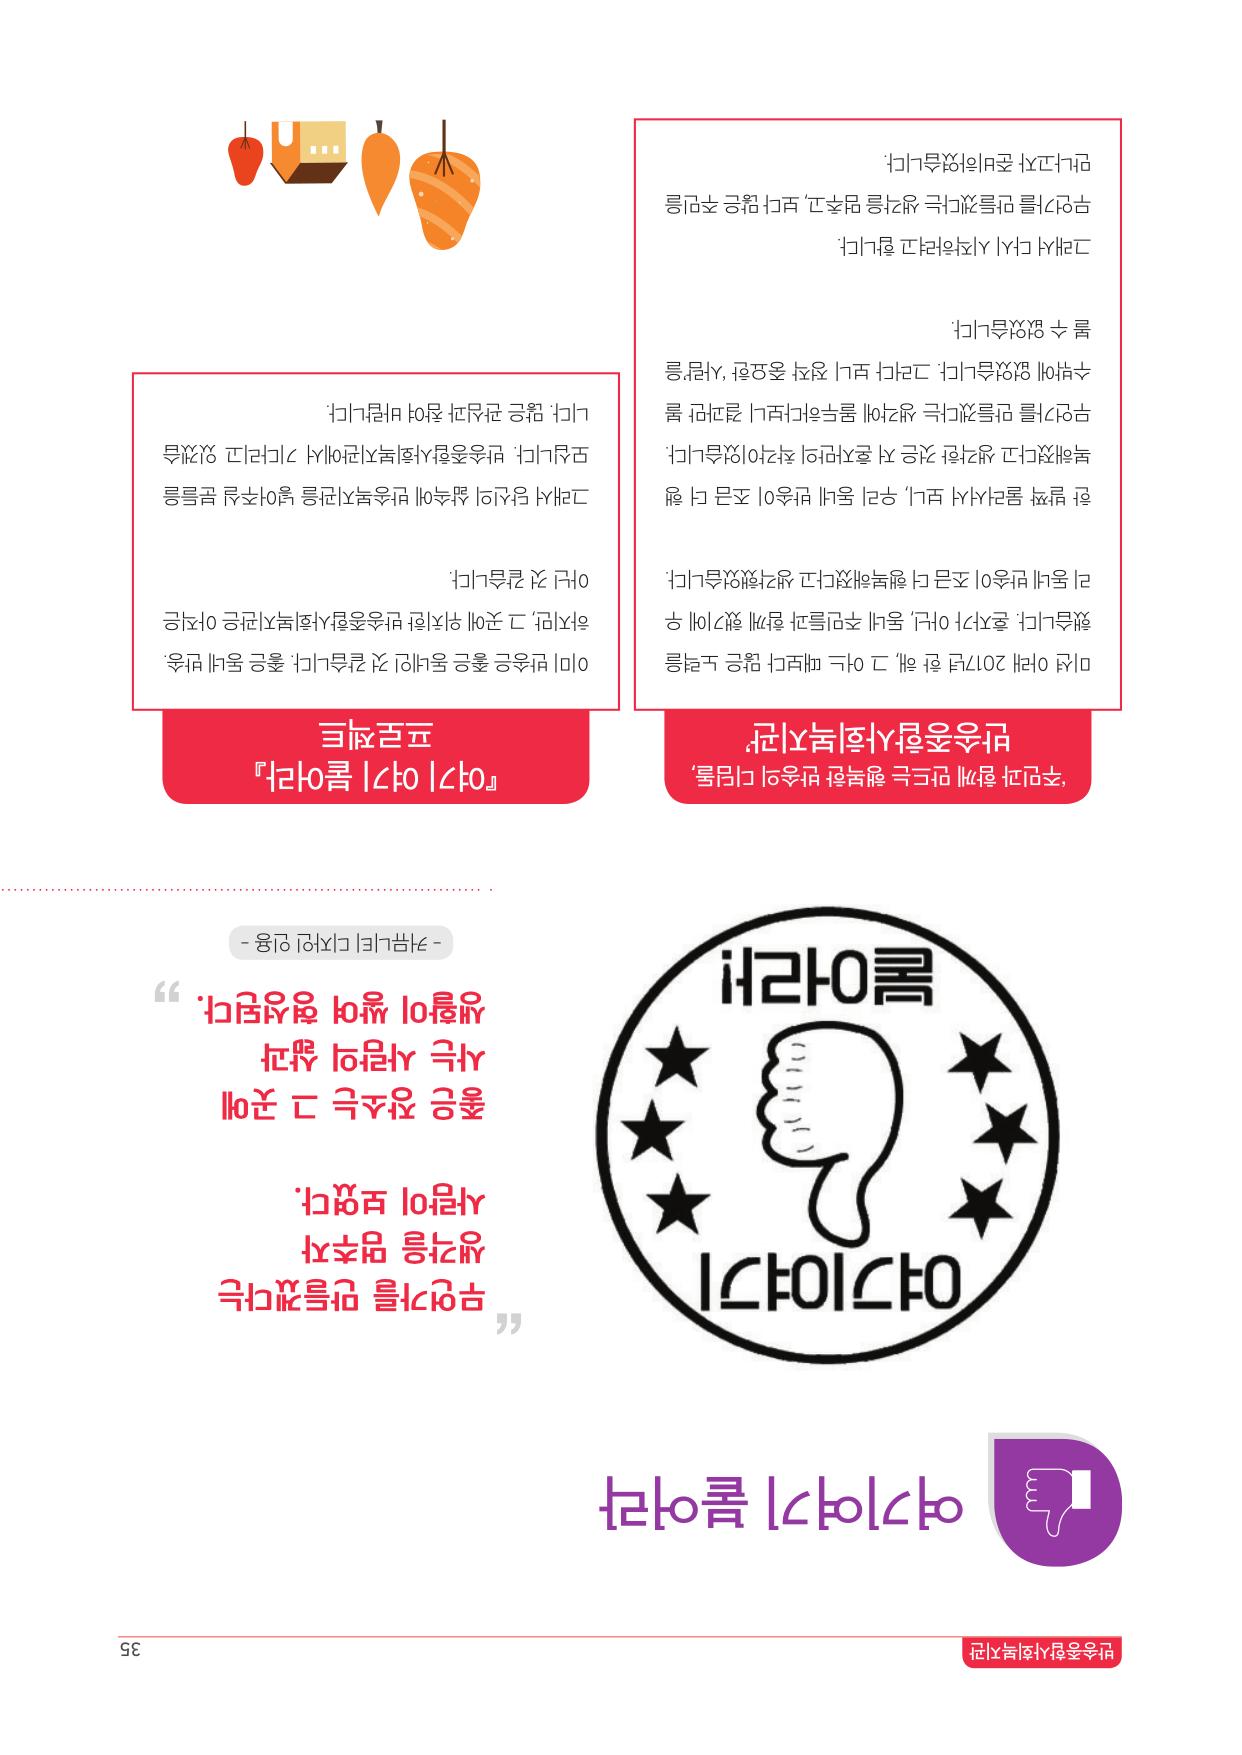 반송종합사회복지관연간소식지(2017)-35.jpg